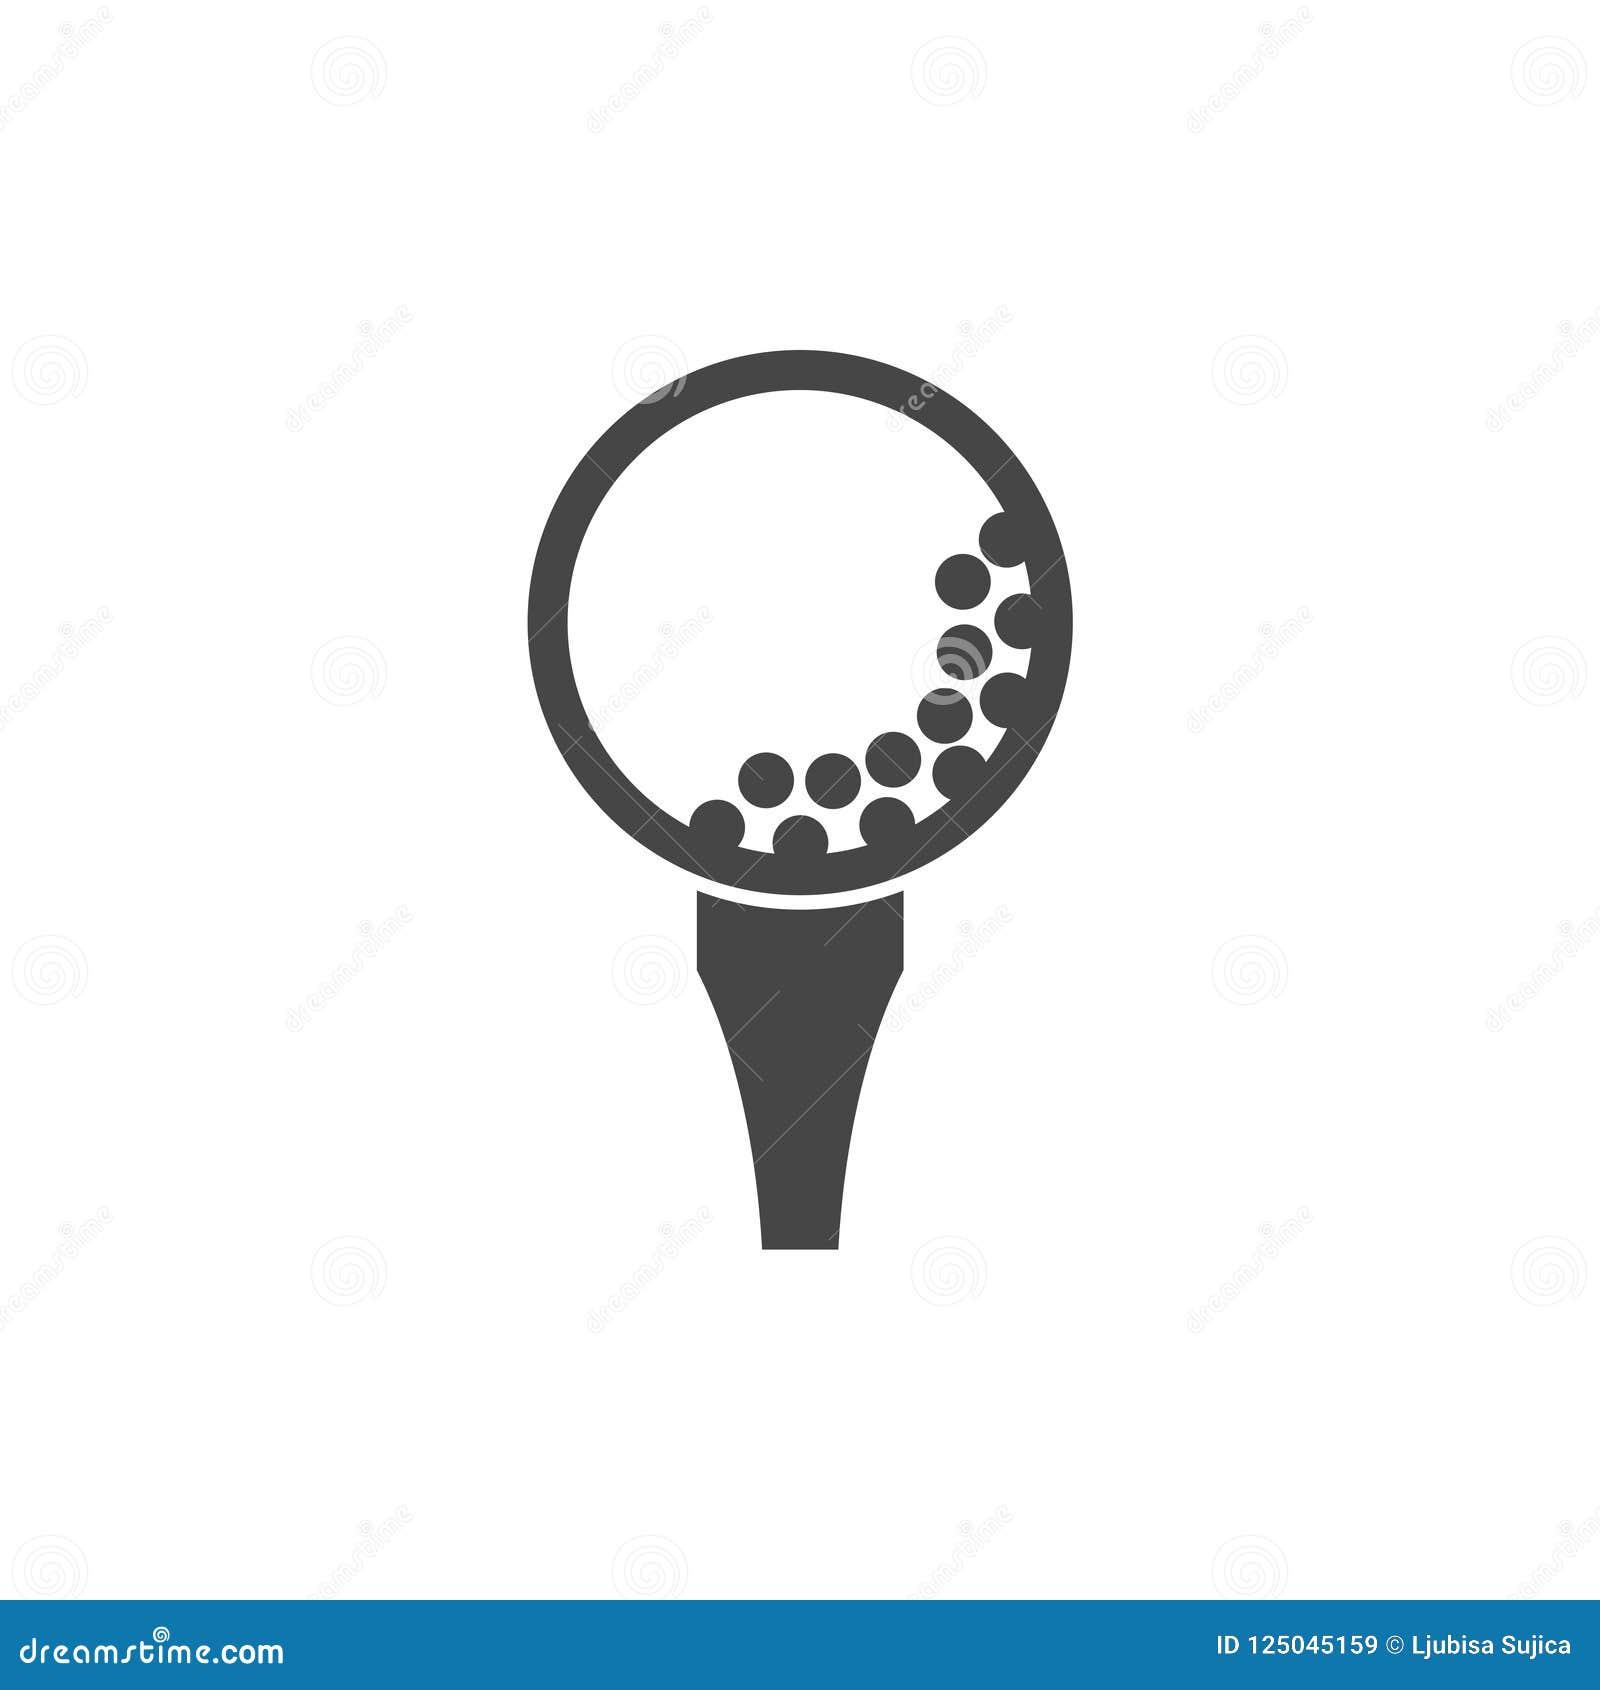 Free Vector Golf Ball Vector